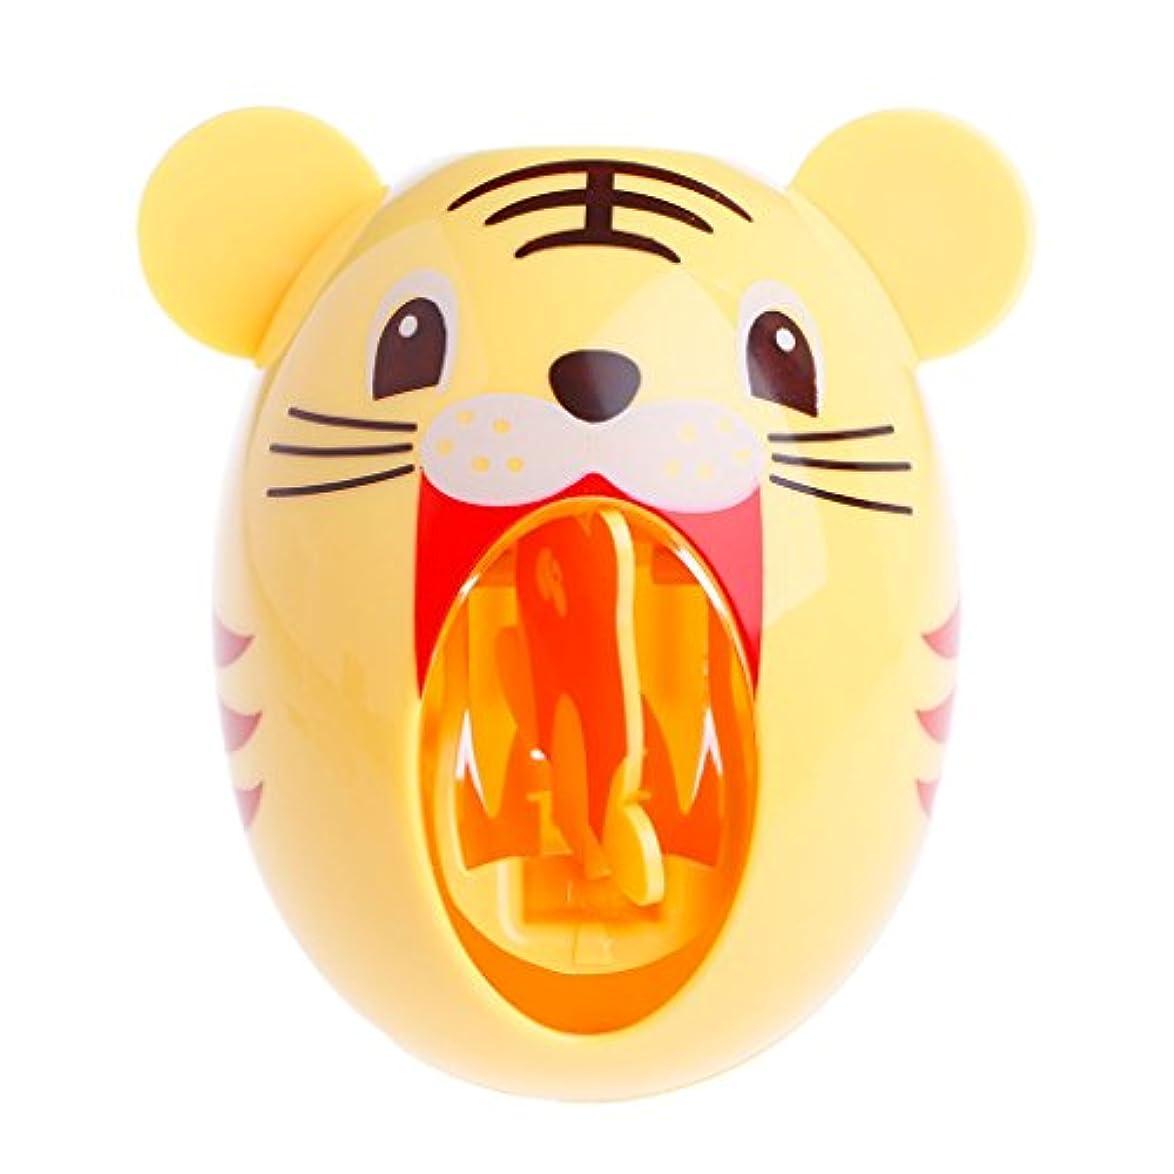 間違っているコインランドリーテレビを見るLamdooキッズかわいい漫画の動物デザイン歯ブラシホルダー自動歯磨き粉ディスペンス